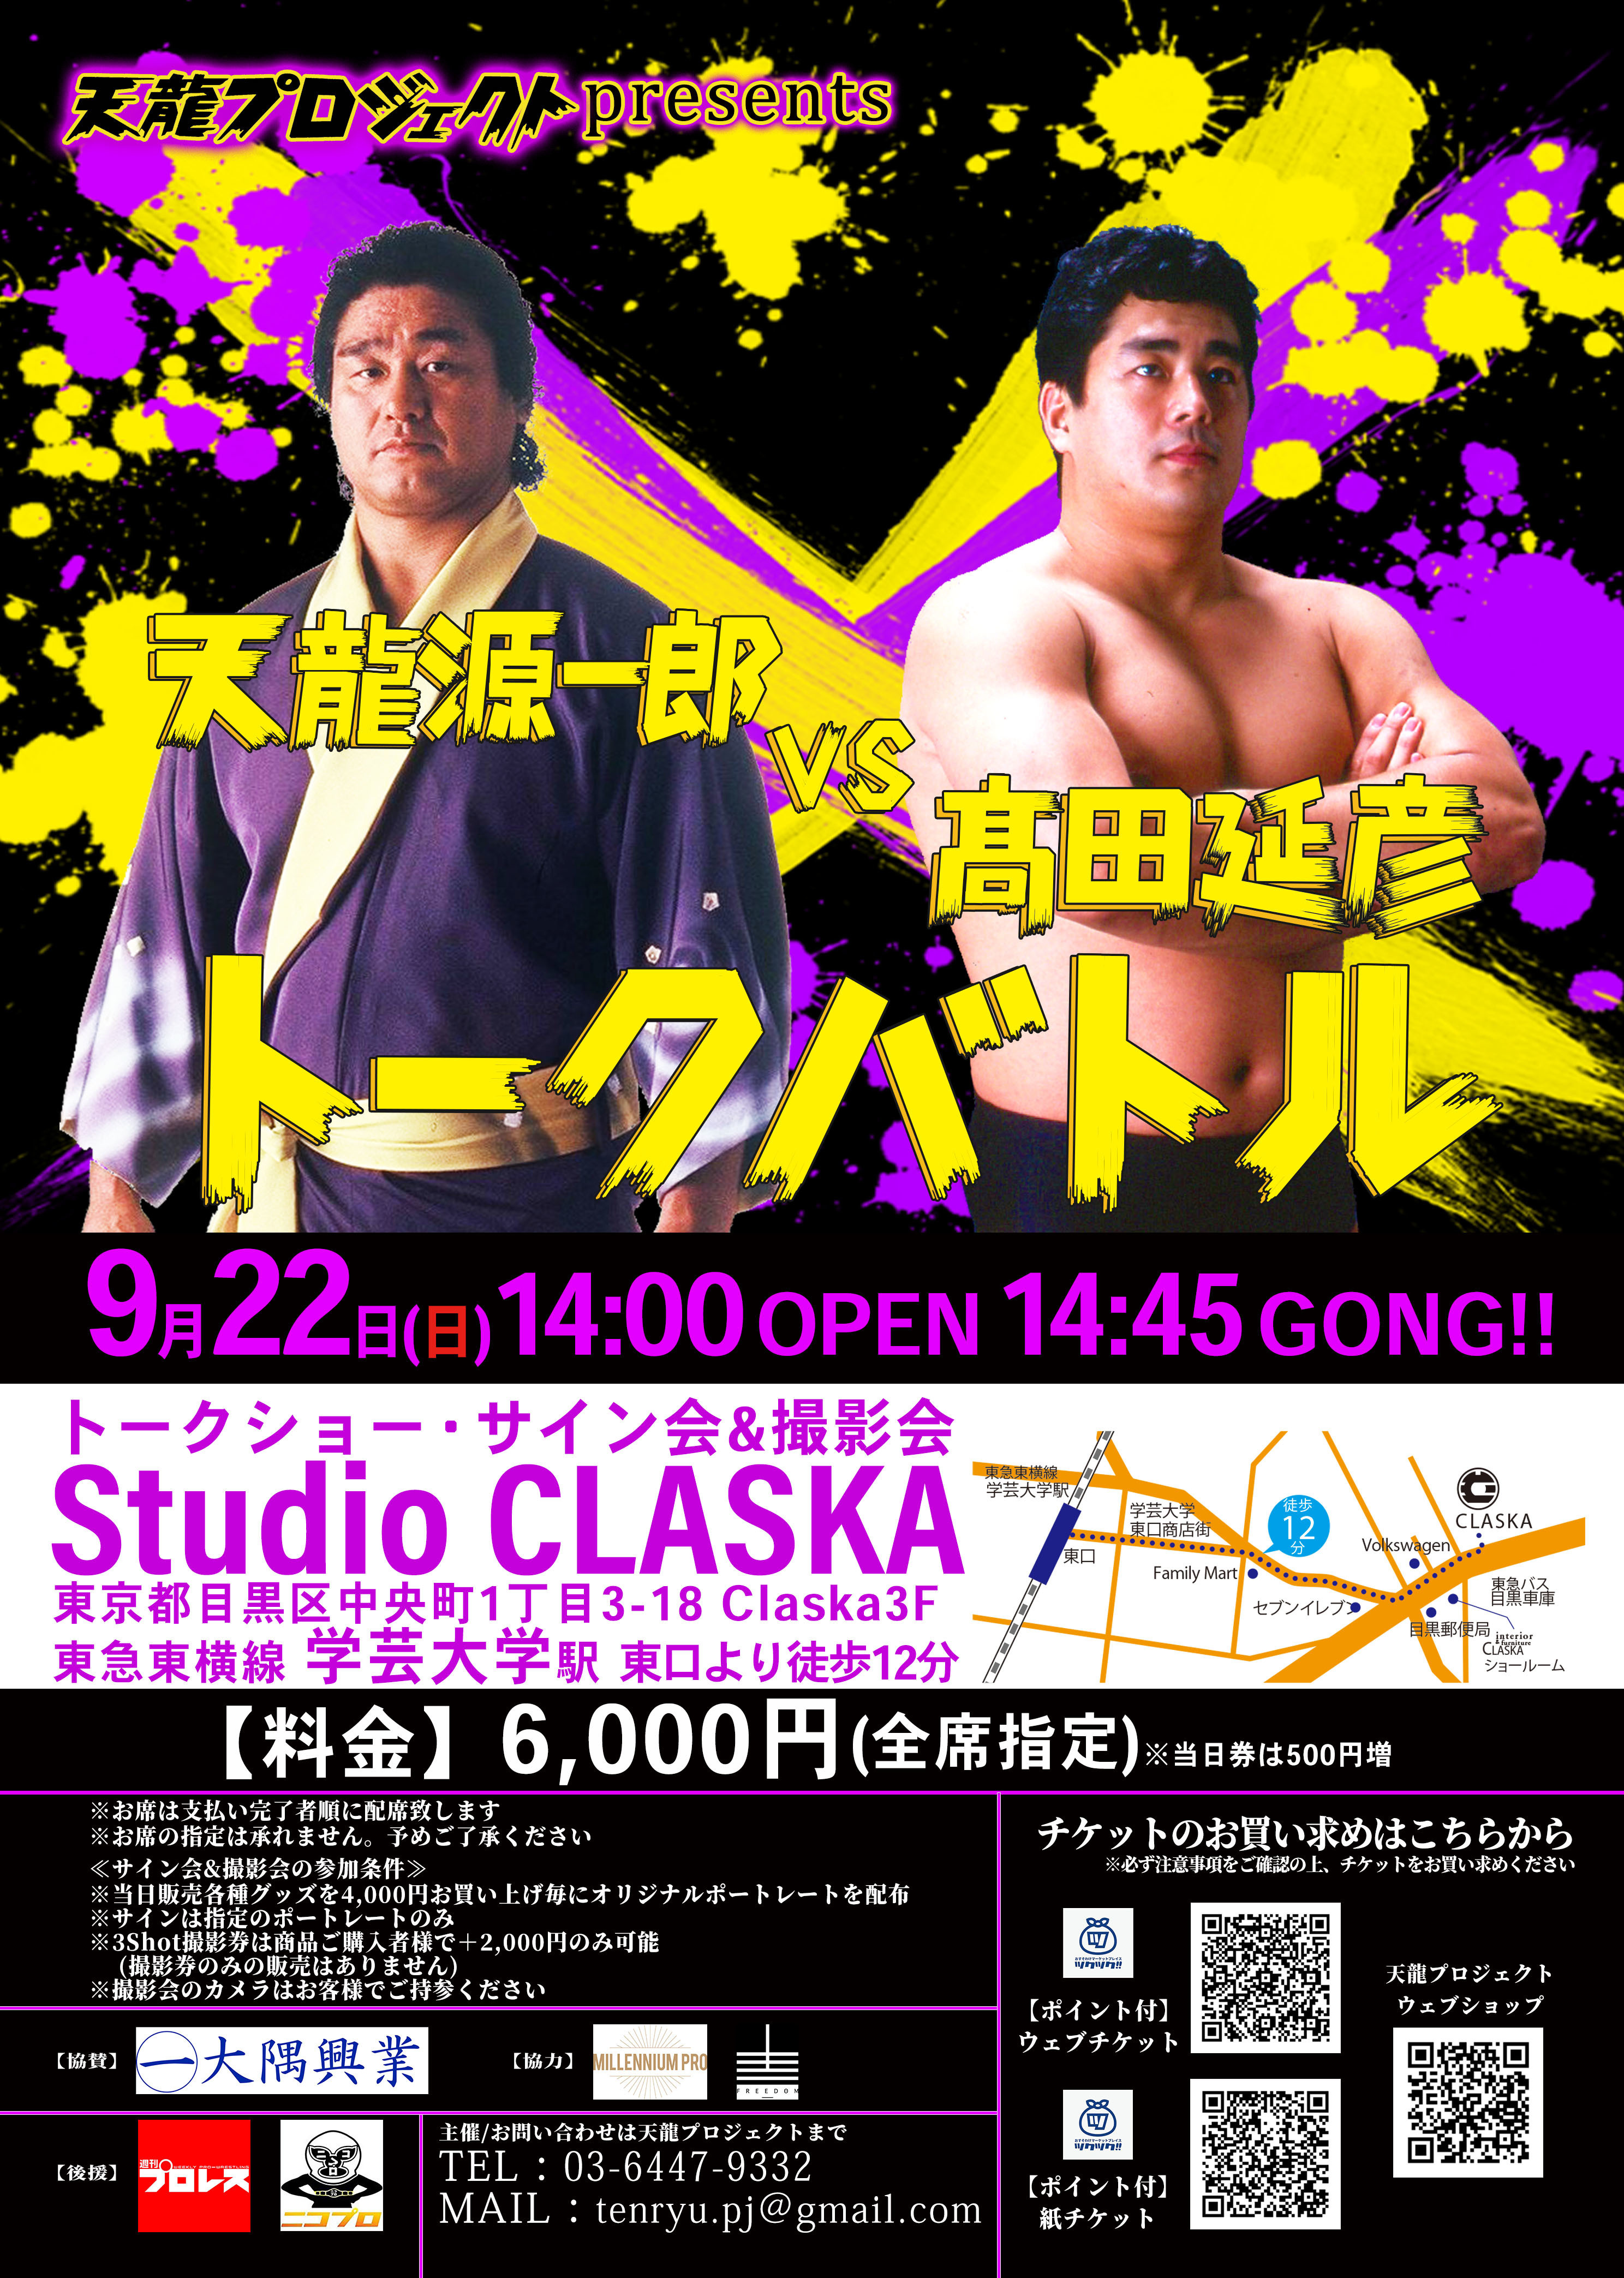 天龍プロジェクトpresents第11弾 天龍源一郎VS高田延彦 トークバトル開催のお知らせ